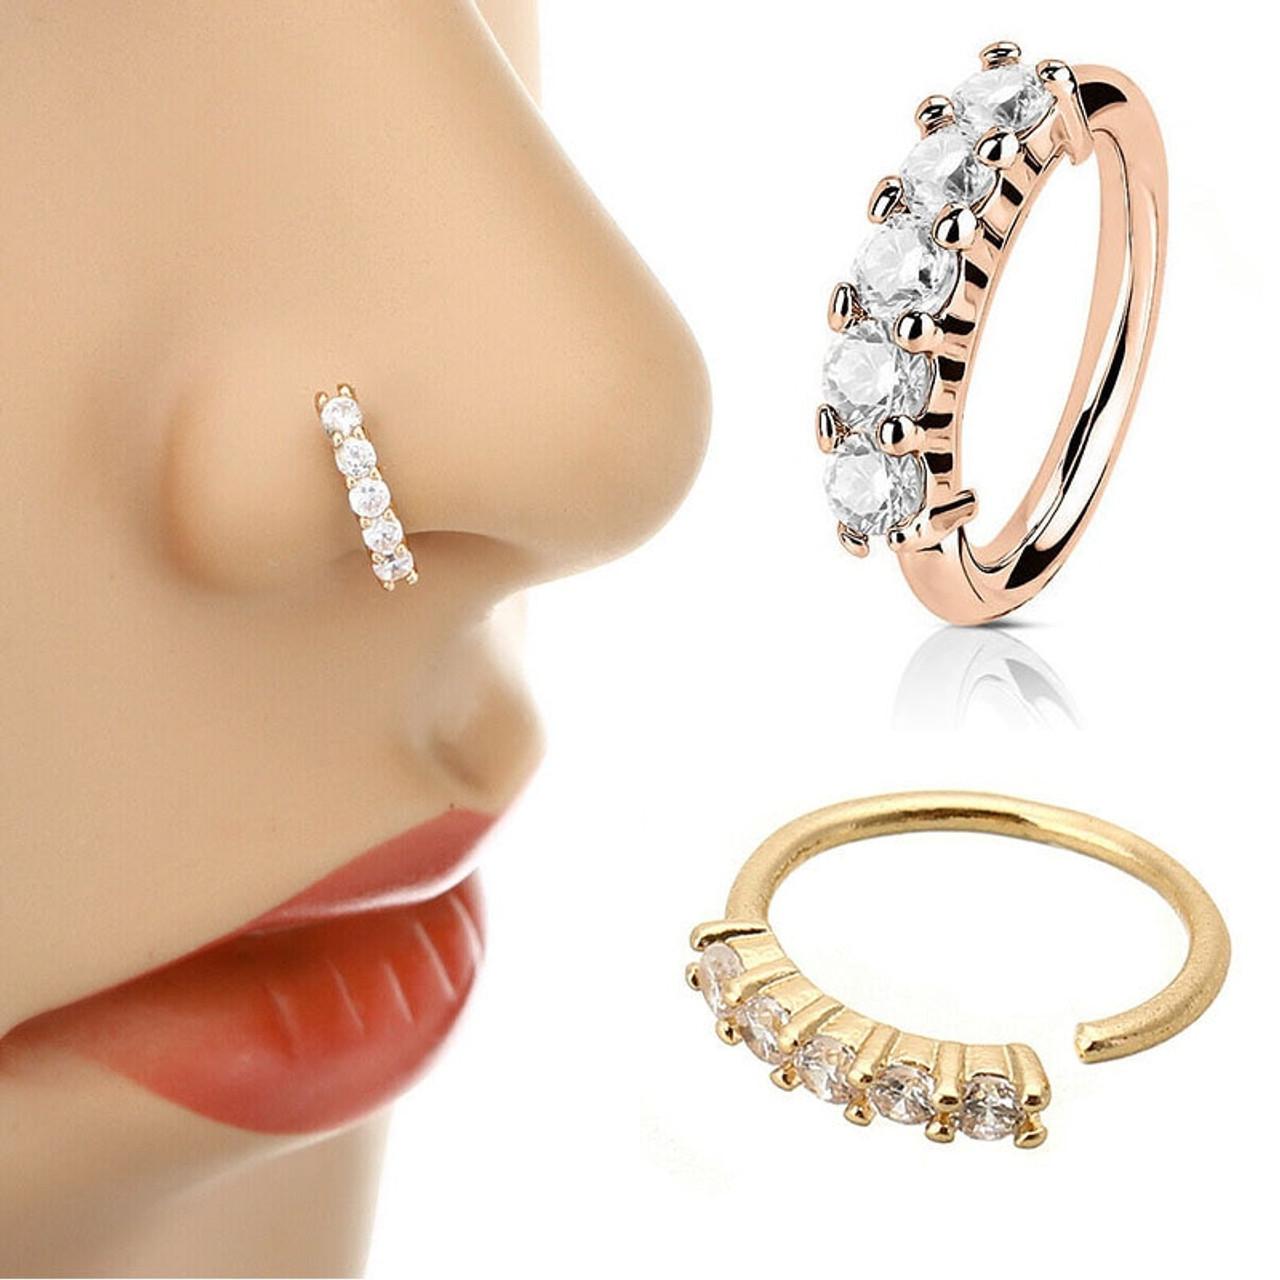 1 Pcs Fake Piercing Nose Ring Ear Rings Expander Hoop Rose Gold